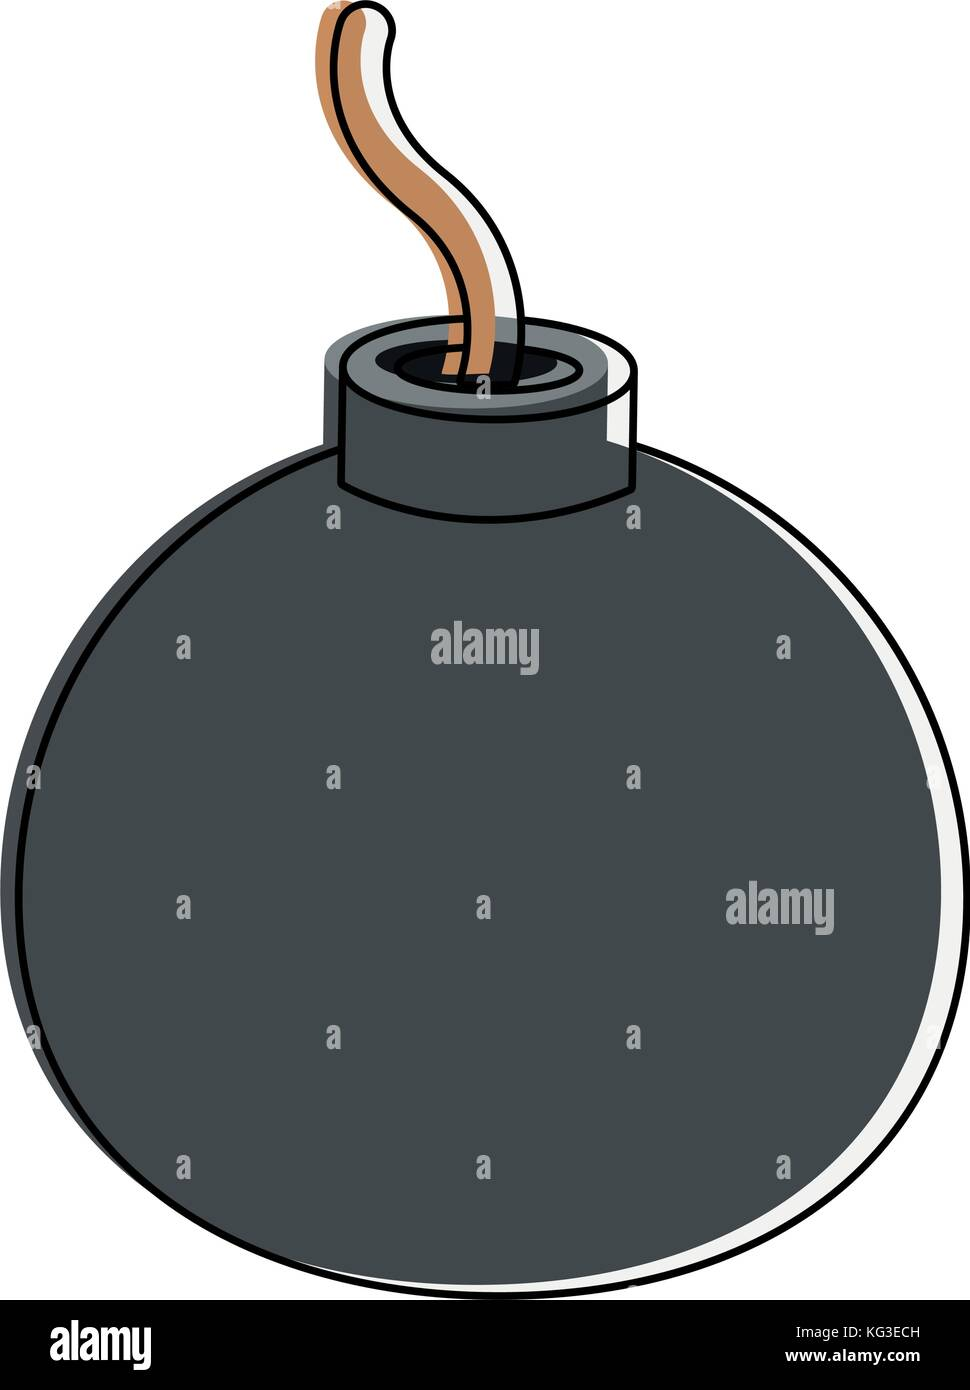 Round bomb explosive - Stock Image